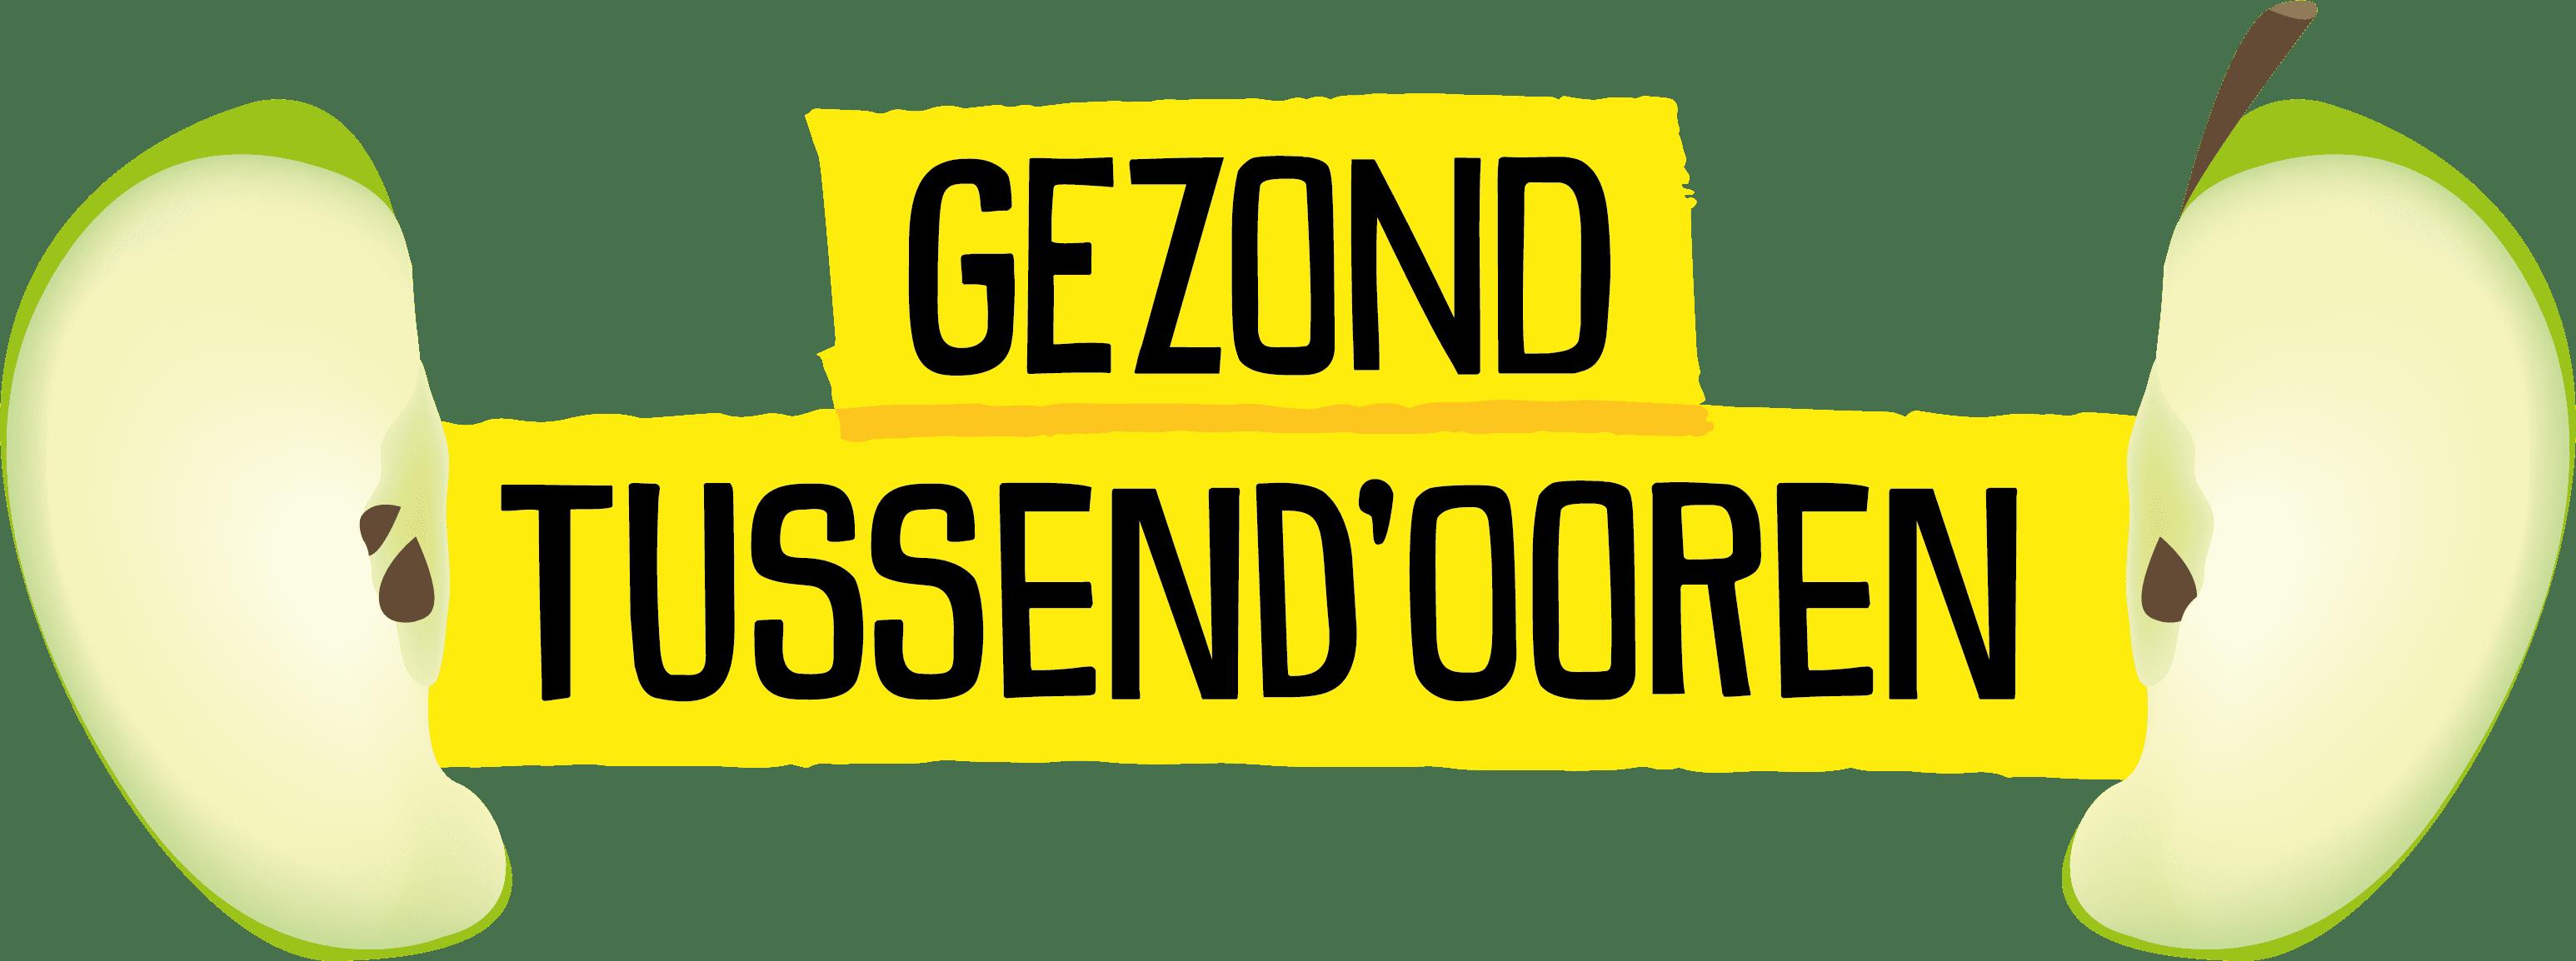 Gezond Tussend'ooren - Stichting WIEL